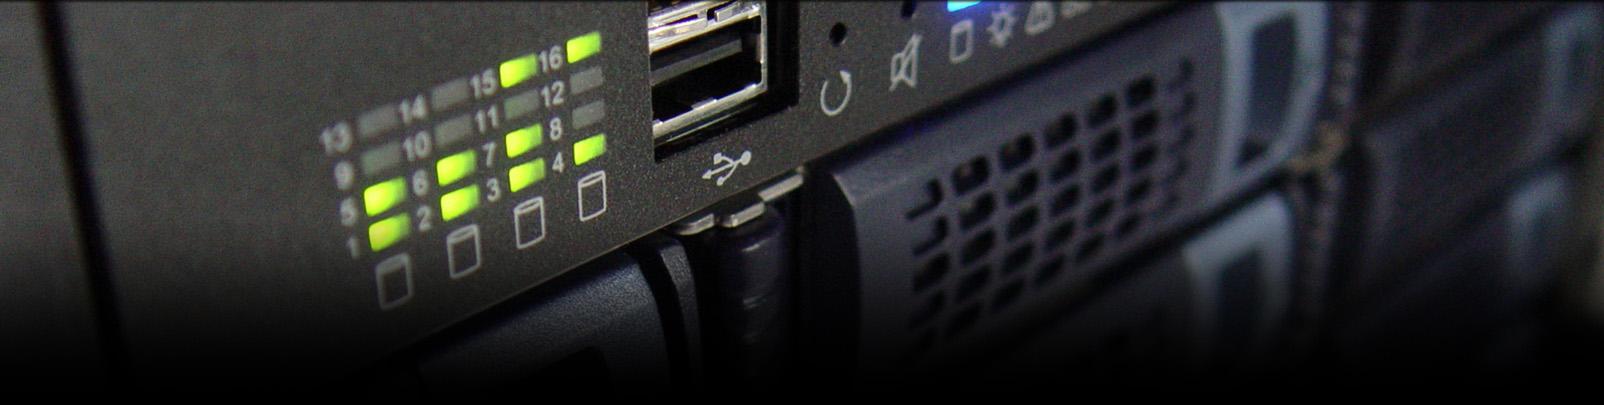 سرور مجازی ubuntu